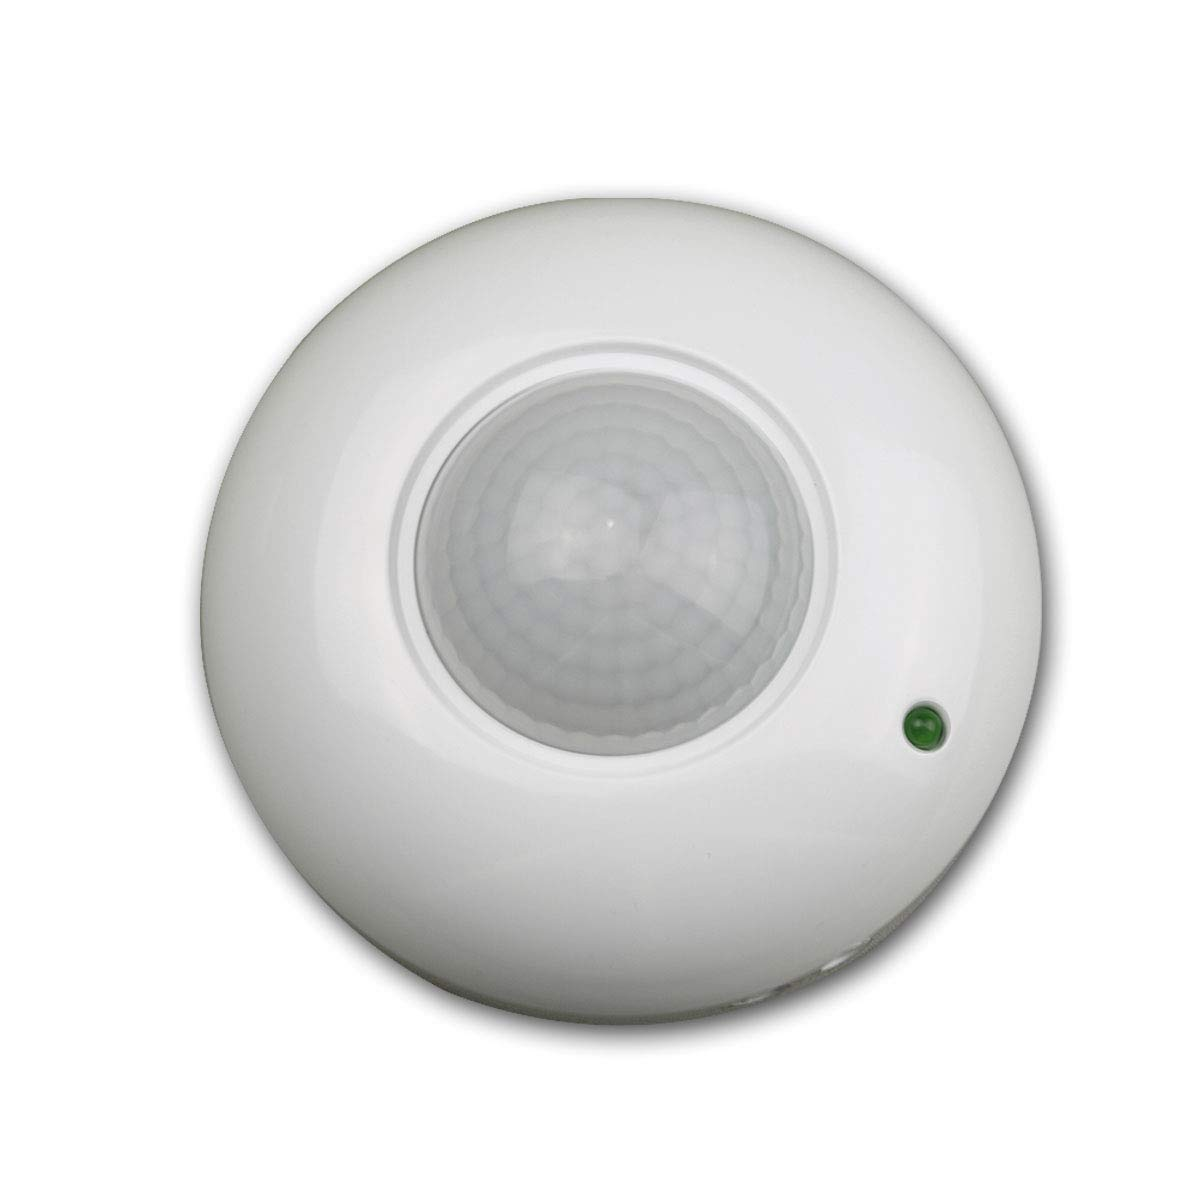 Movement Sensor 360 deg 220-240V 1200W IP Rating 20 Kanlux ZONA White PIR Motion